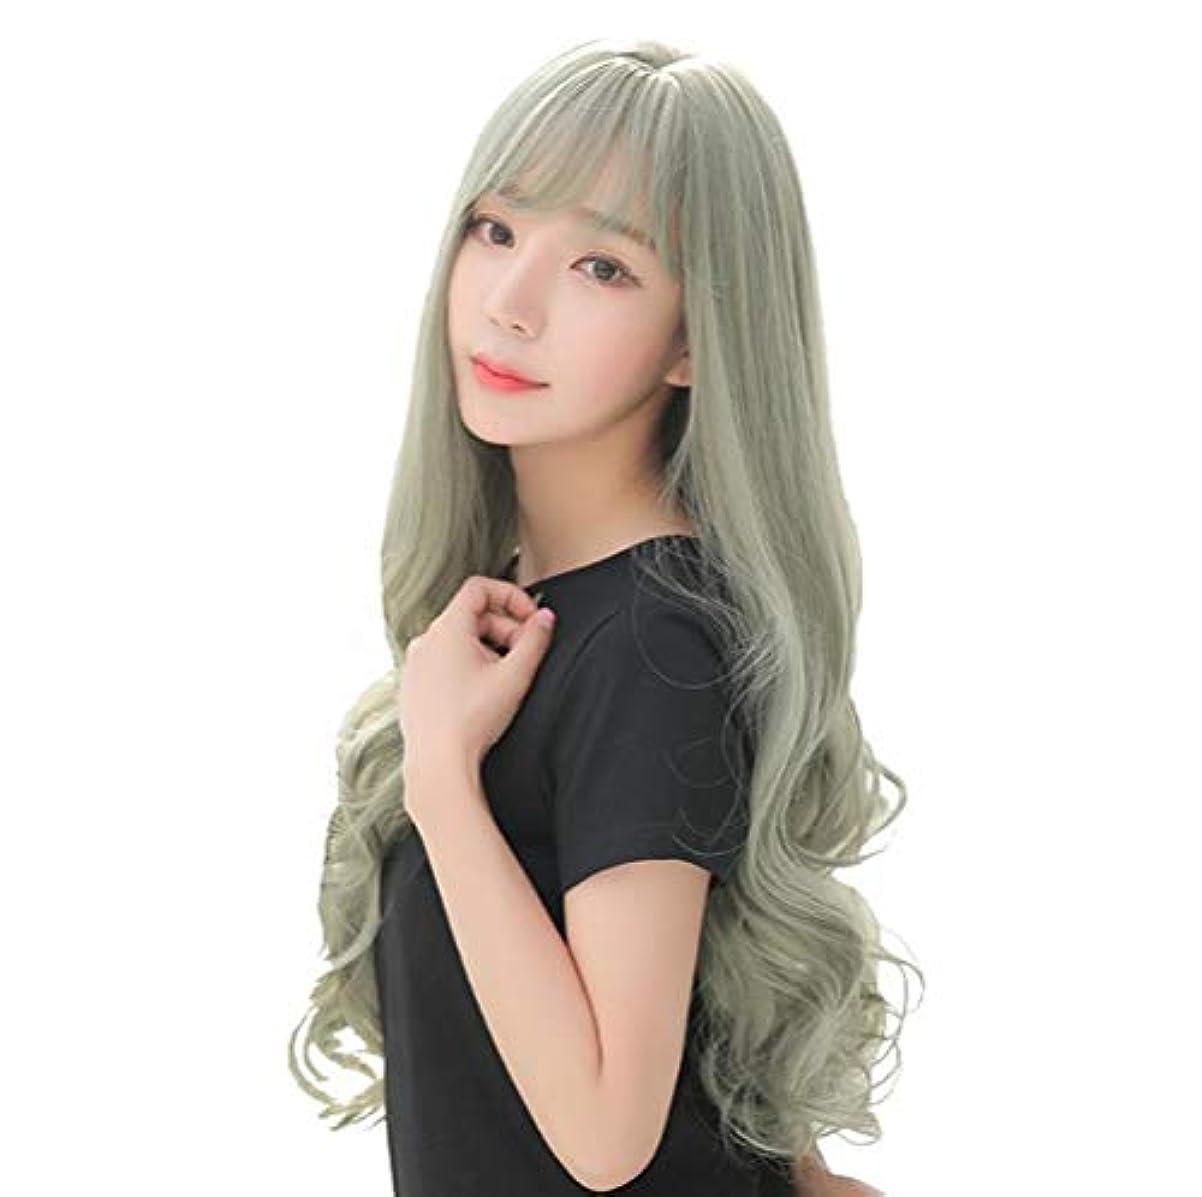 行うできればあいさつかつら女性アッシュグリーン高温シルク長い巻き毛ビッグウェーブ空気前髪 LH2203 (アッシュグリーン)